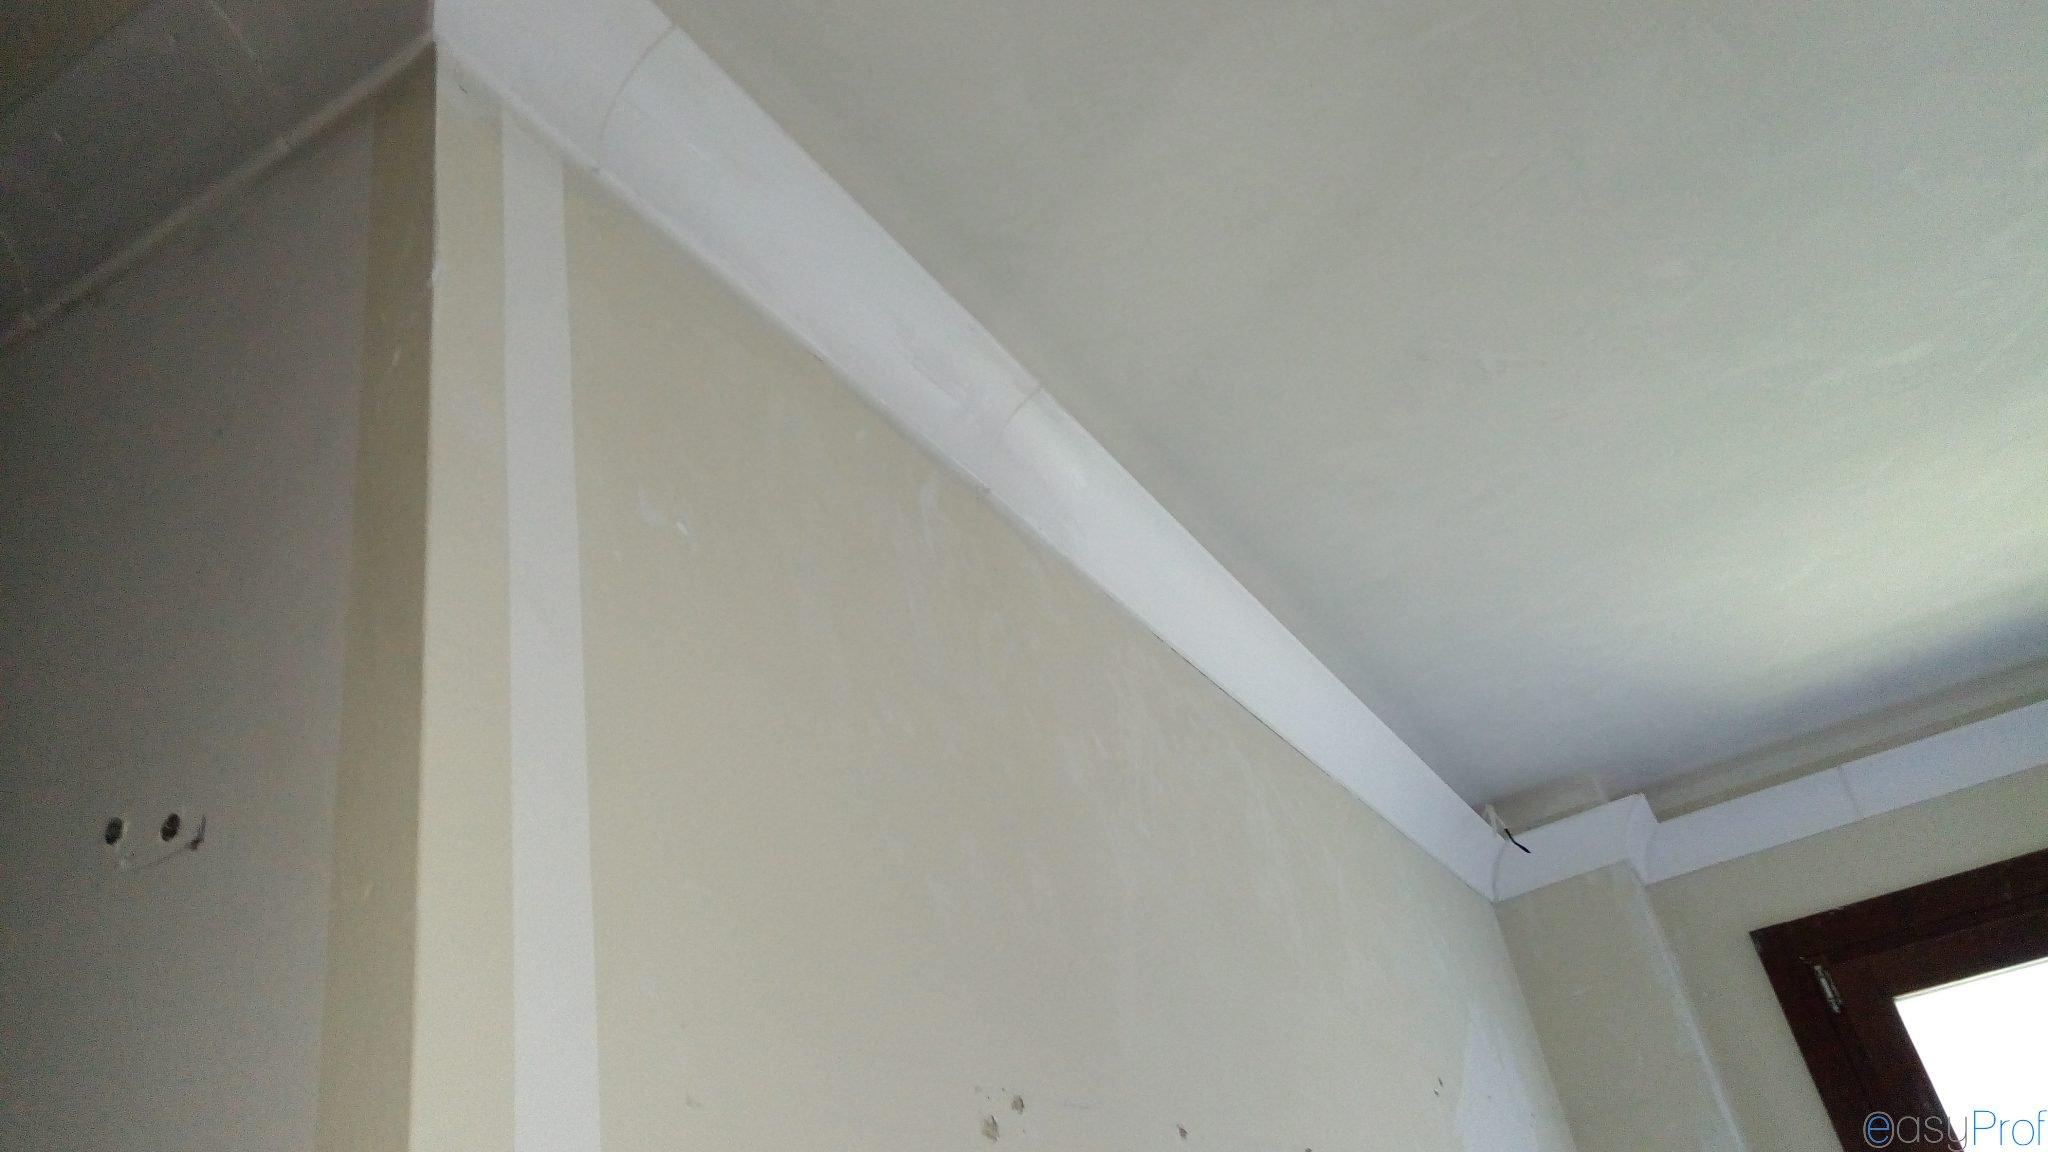 Posa e montaggio cornici in polistirolo appartamento Milano - Imbianchino Milano: tinteggiature ...